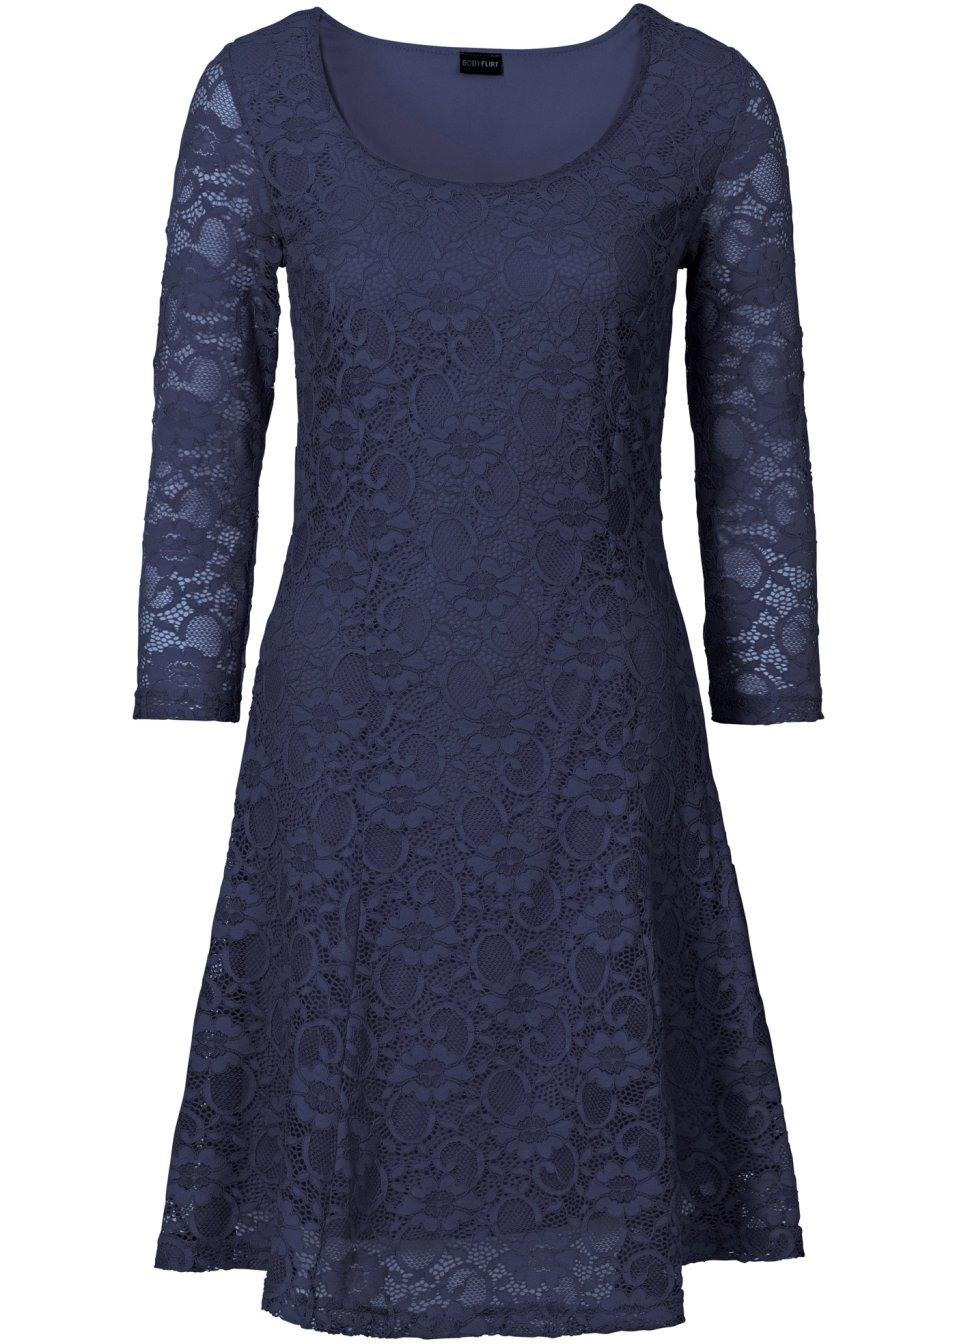 Designer Schön Blaues Kleid Mit Glitzer Bester PreisDesigner Genial Blaues Kleid Mit Glitzer Spezialgebiet